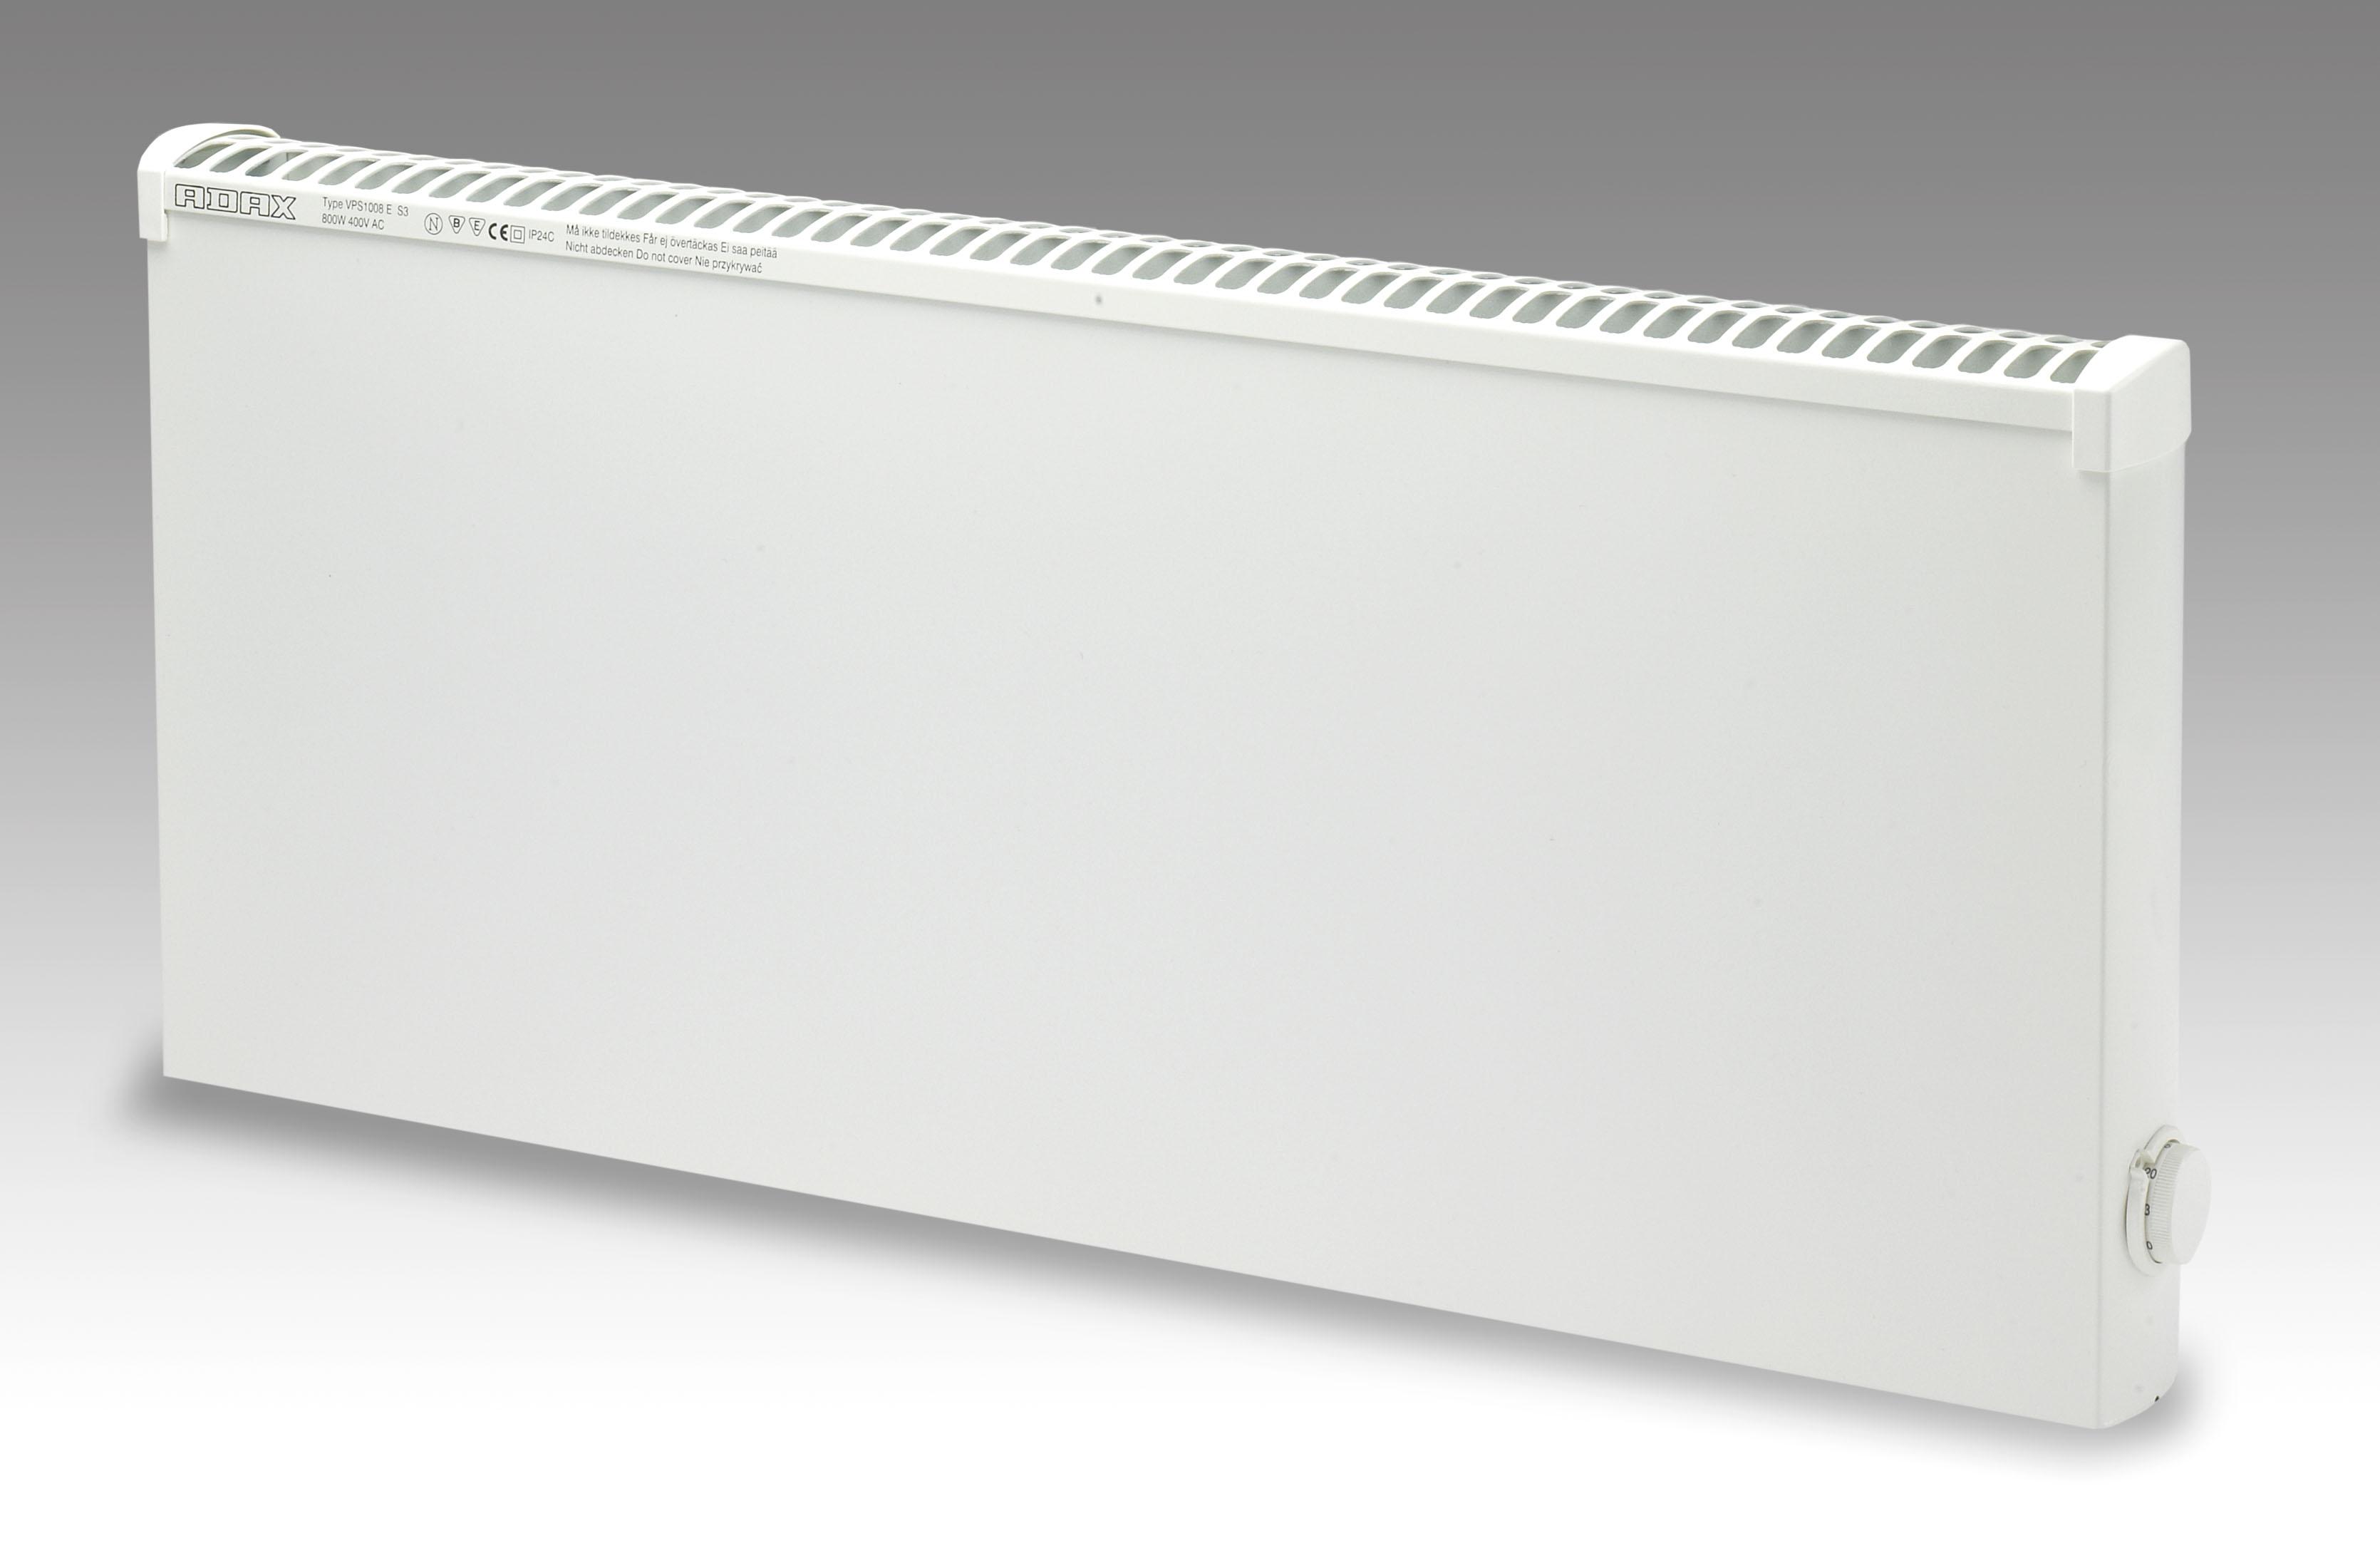 Elektrinis radiatorius ADAX VPS 1008 KEM